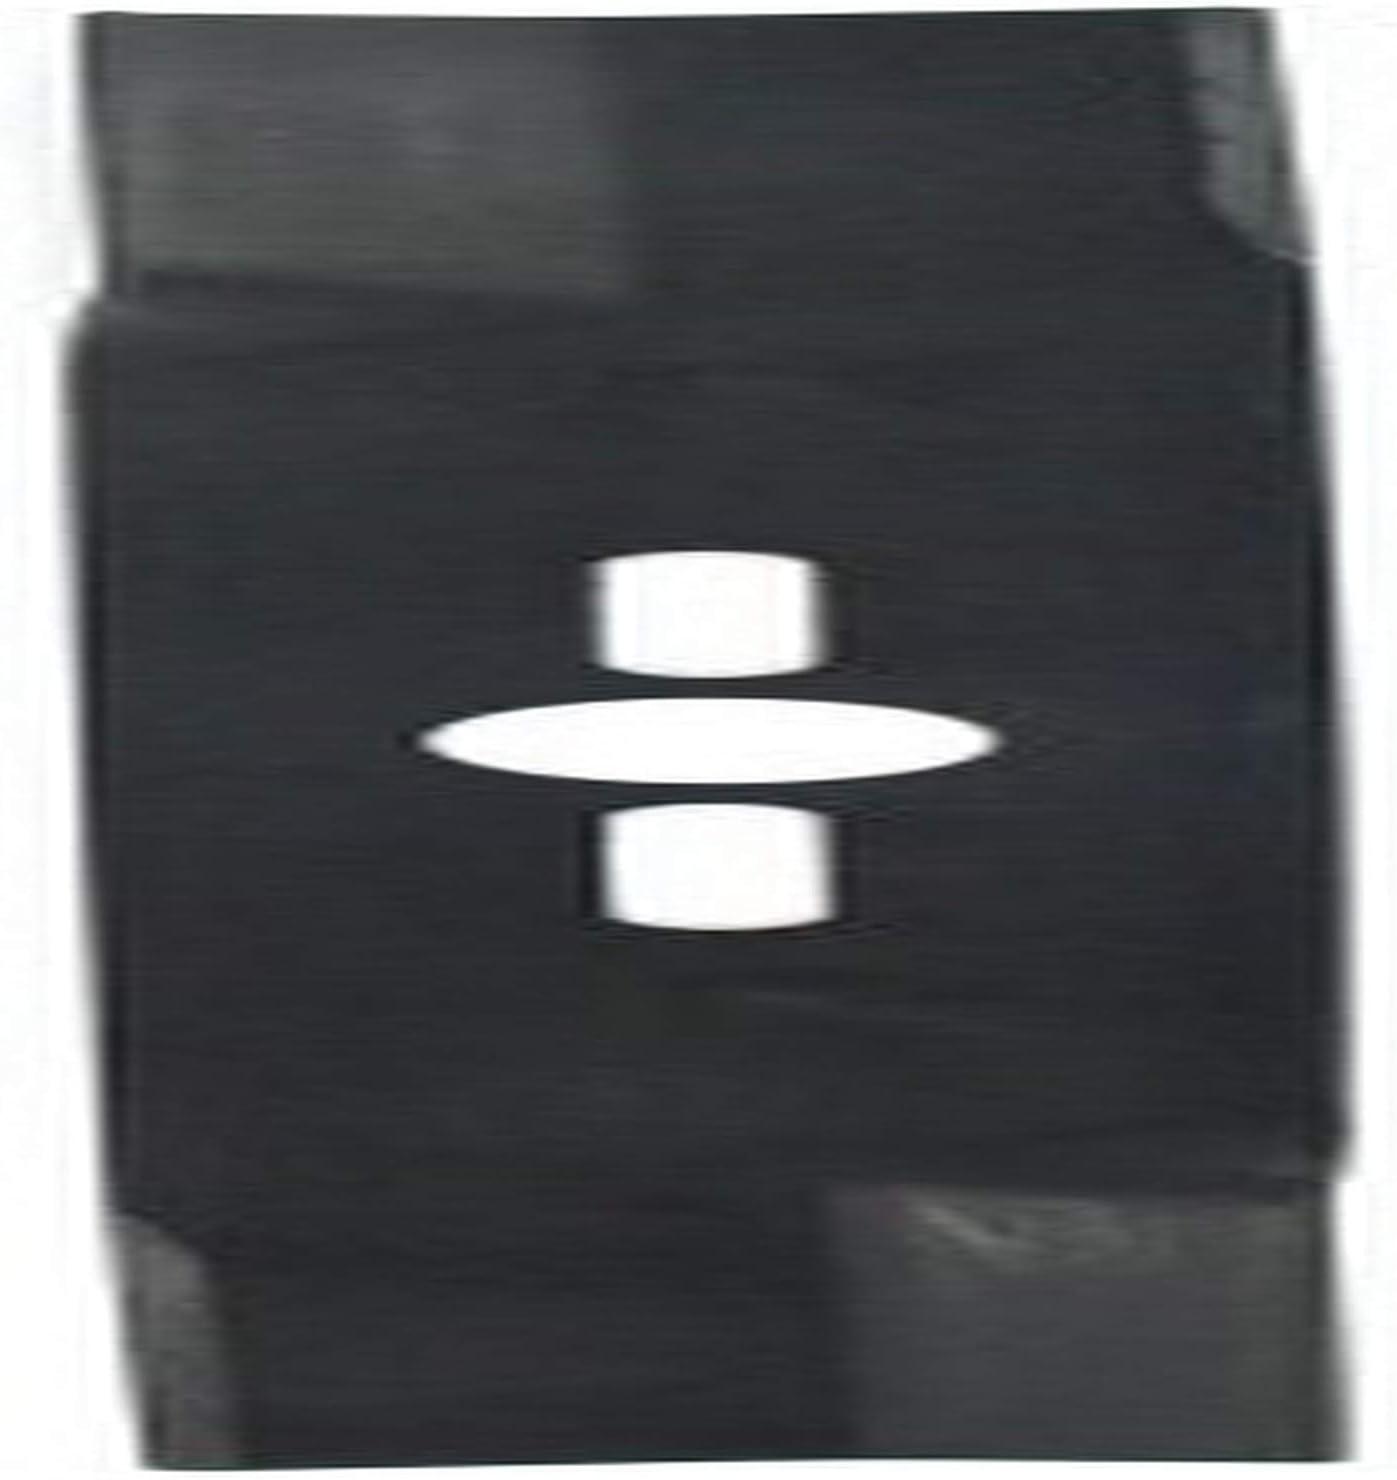 Amazon.com: Maxpower 19-inch universal cuchilla de repuesto ...